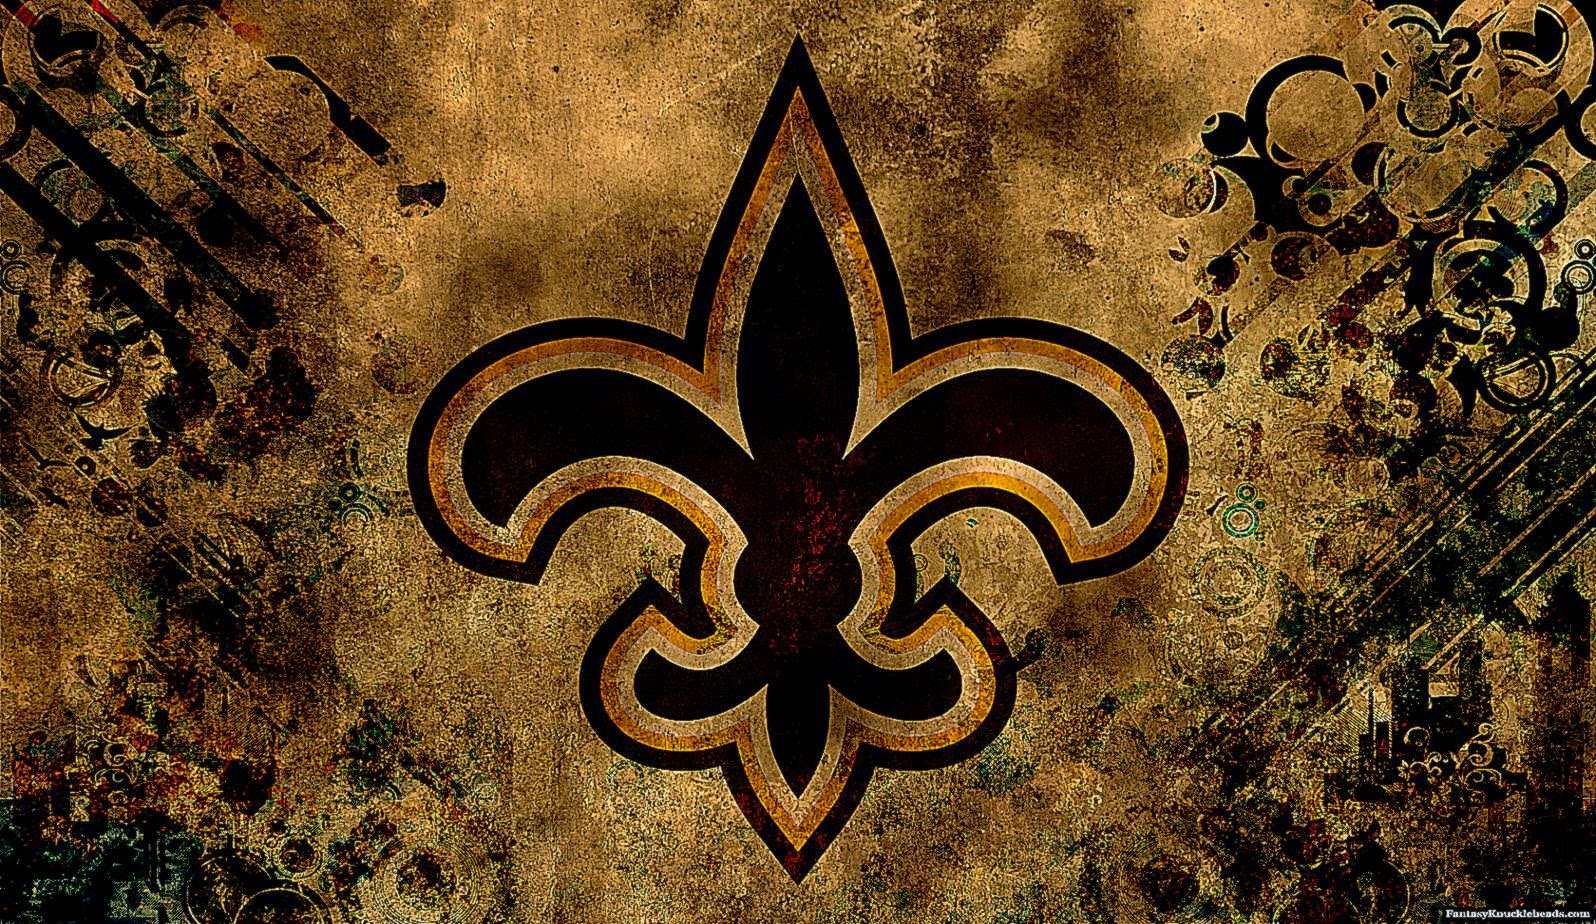 New Orleans Saints wallpaper HD background New Orleans Saints 1596x924